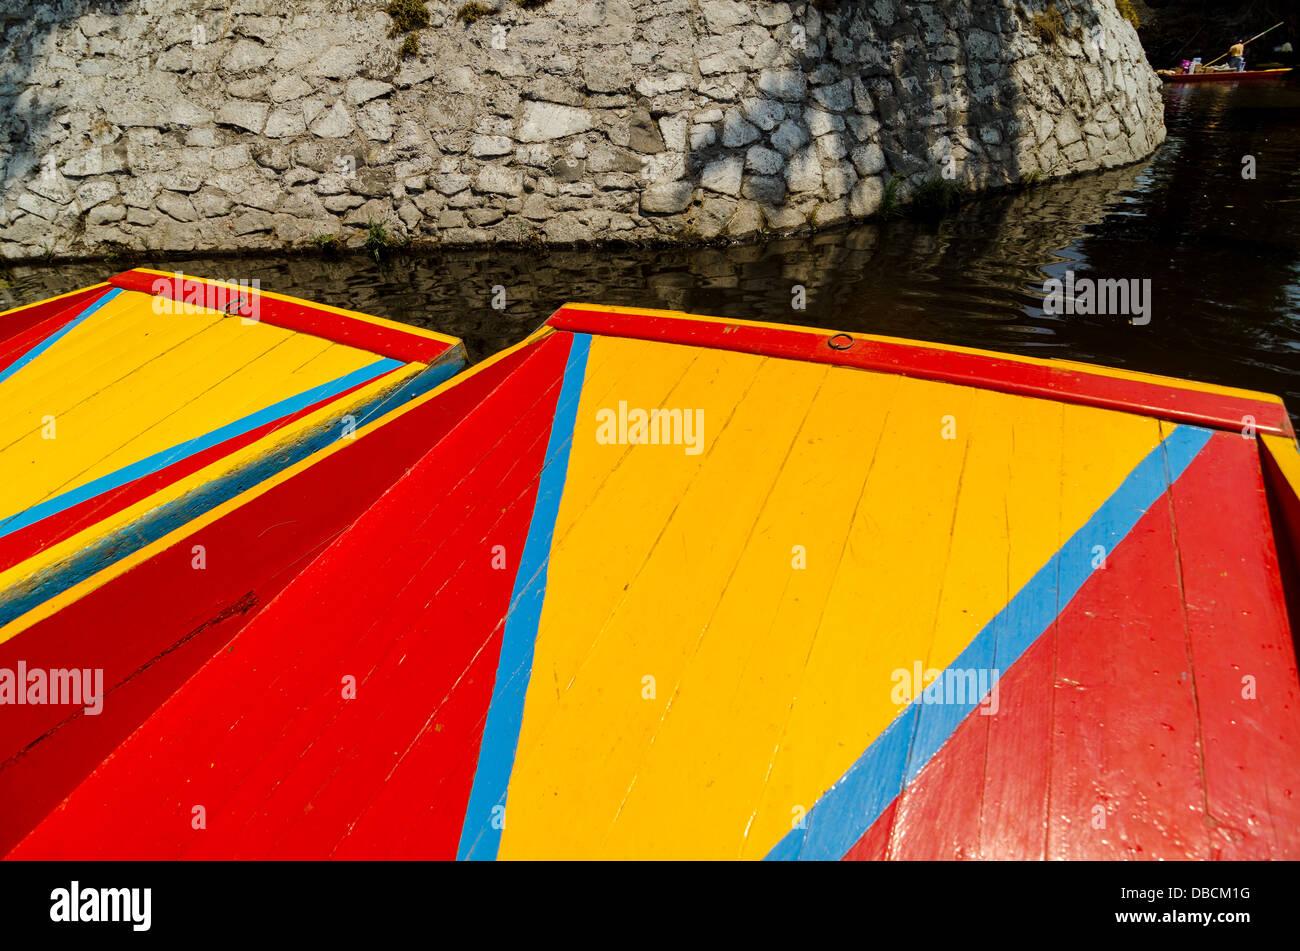 Les couleurs vives des bateaux dans le canal de Xochimilco à Mexico Photo Stock